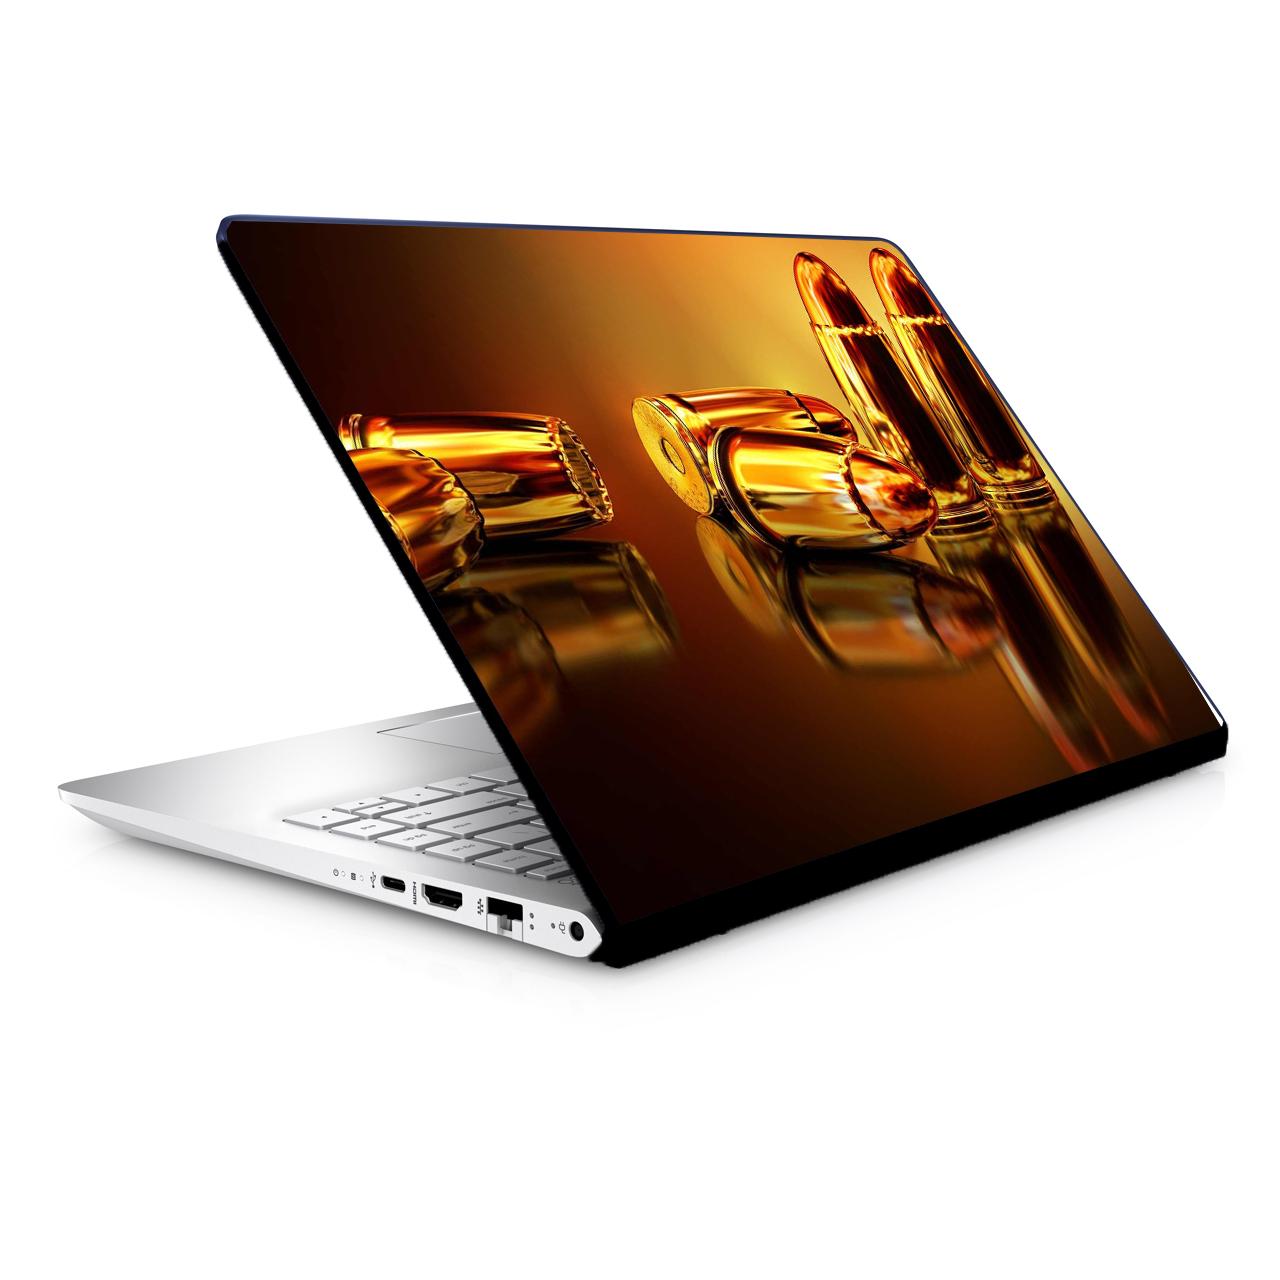 استیکر لپ تاپ طرح تفنگ مدل TIE215 مناسب برای لپ تاپ 15.6 اینچ